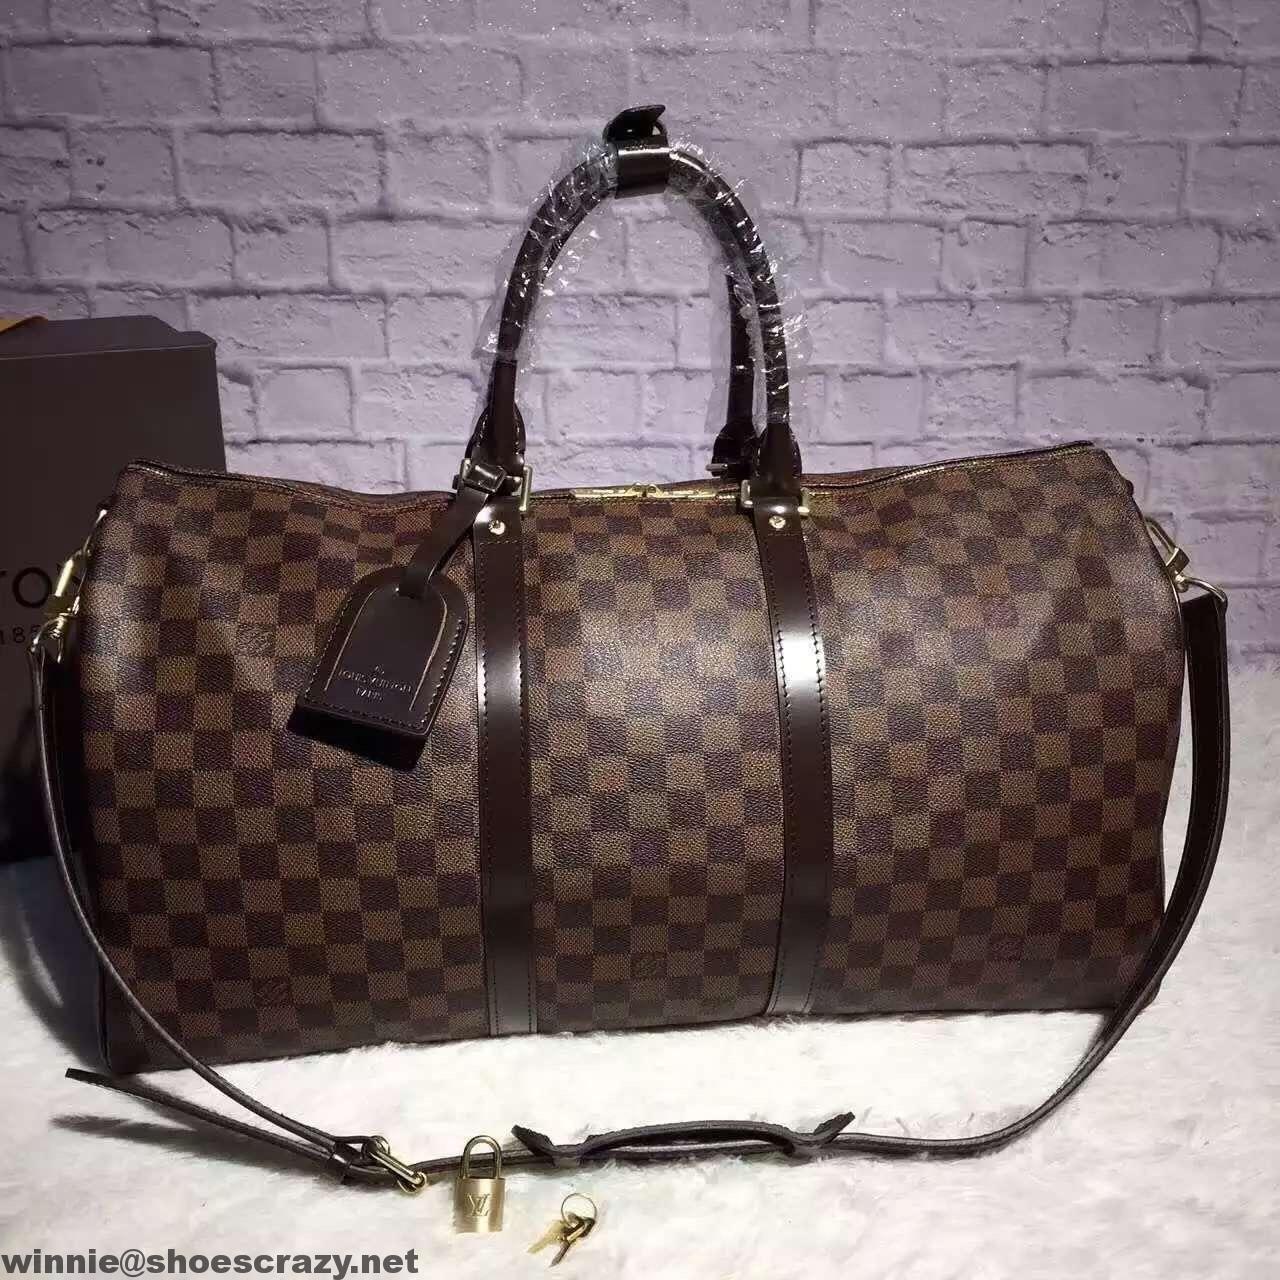 6d01c0ff35 Louis Vuitton Damier Ebene Canvas Keepall 50 Bandouliere Bag | Louis ...